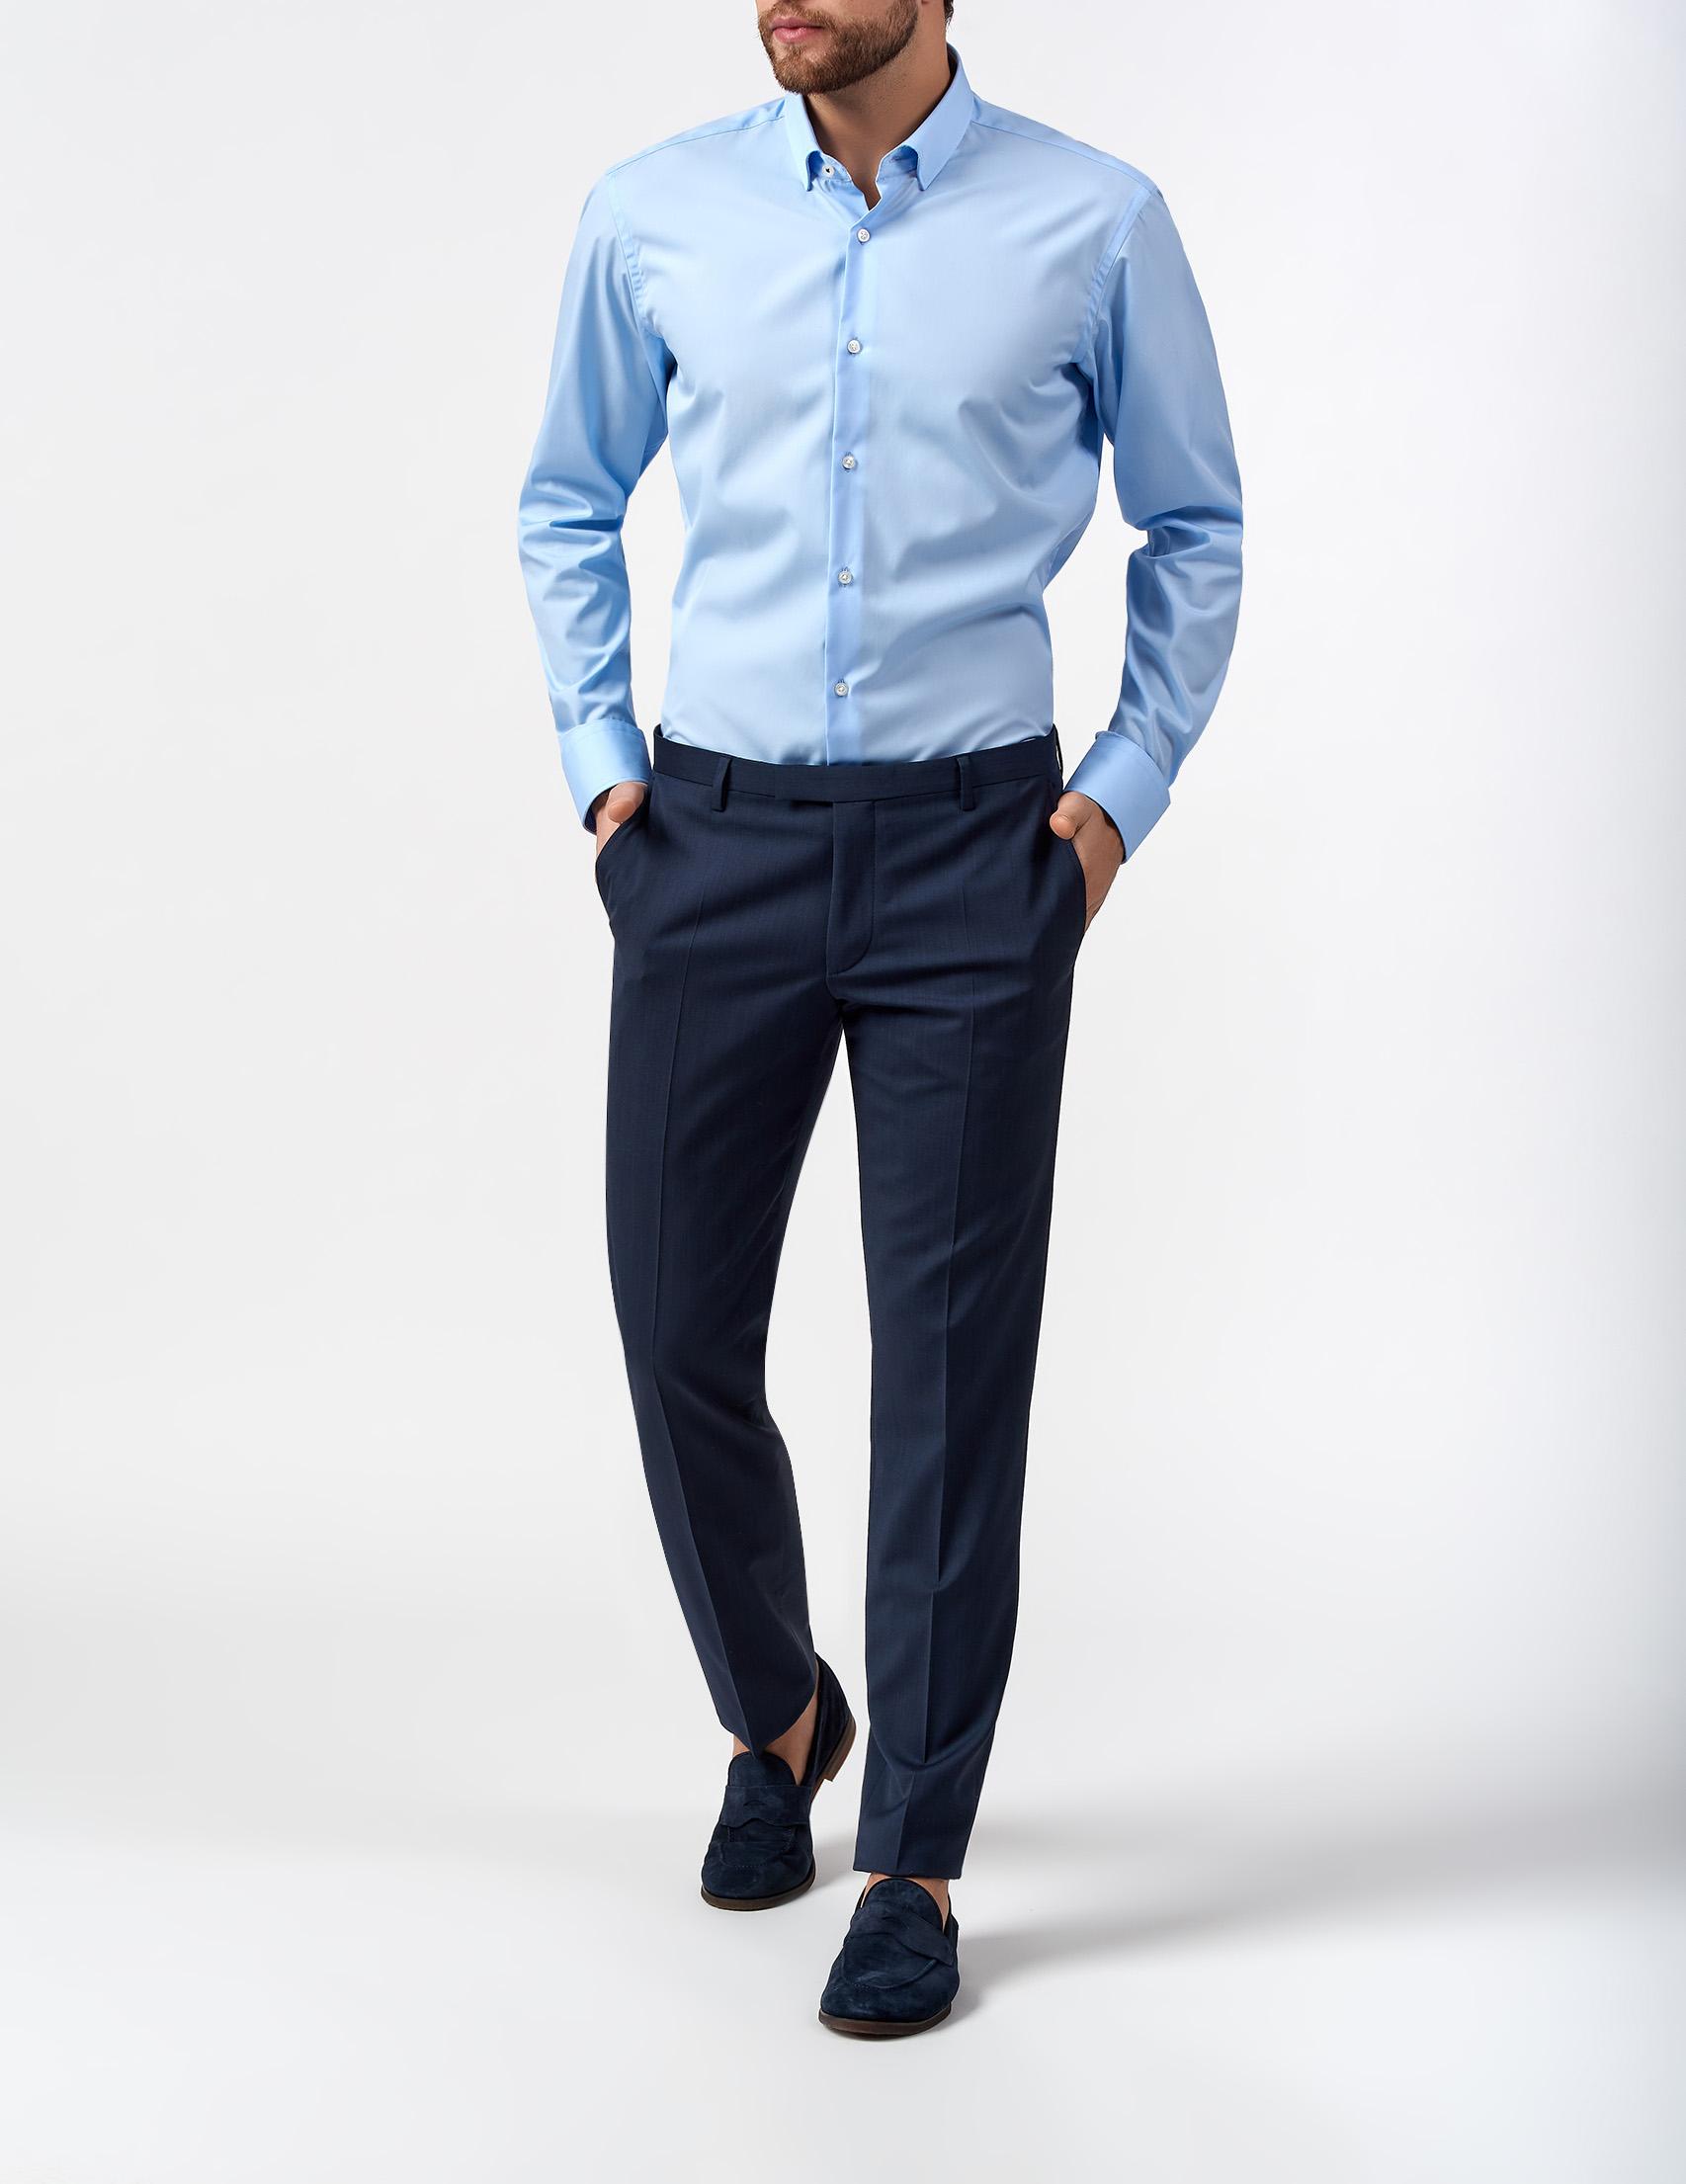 какую рубашку подобрать к синим брюкам фото нашем